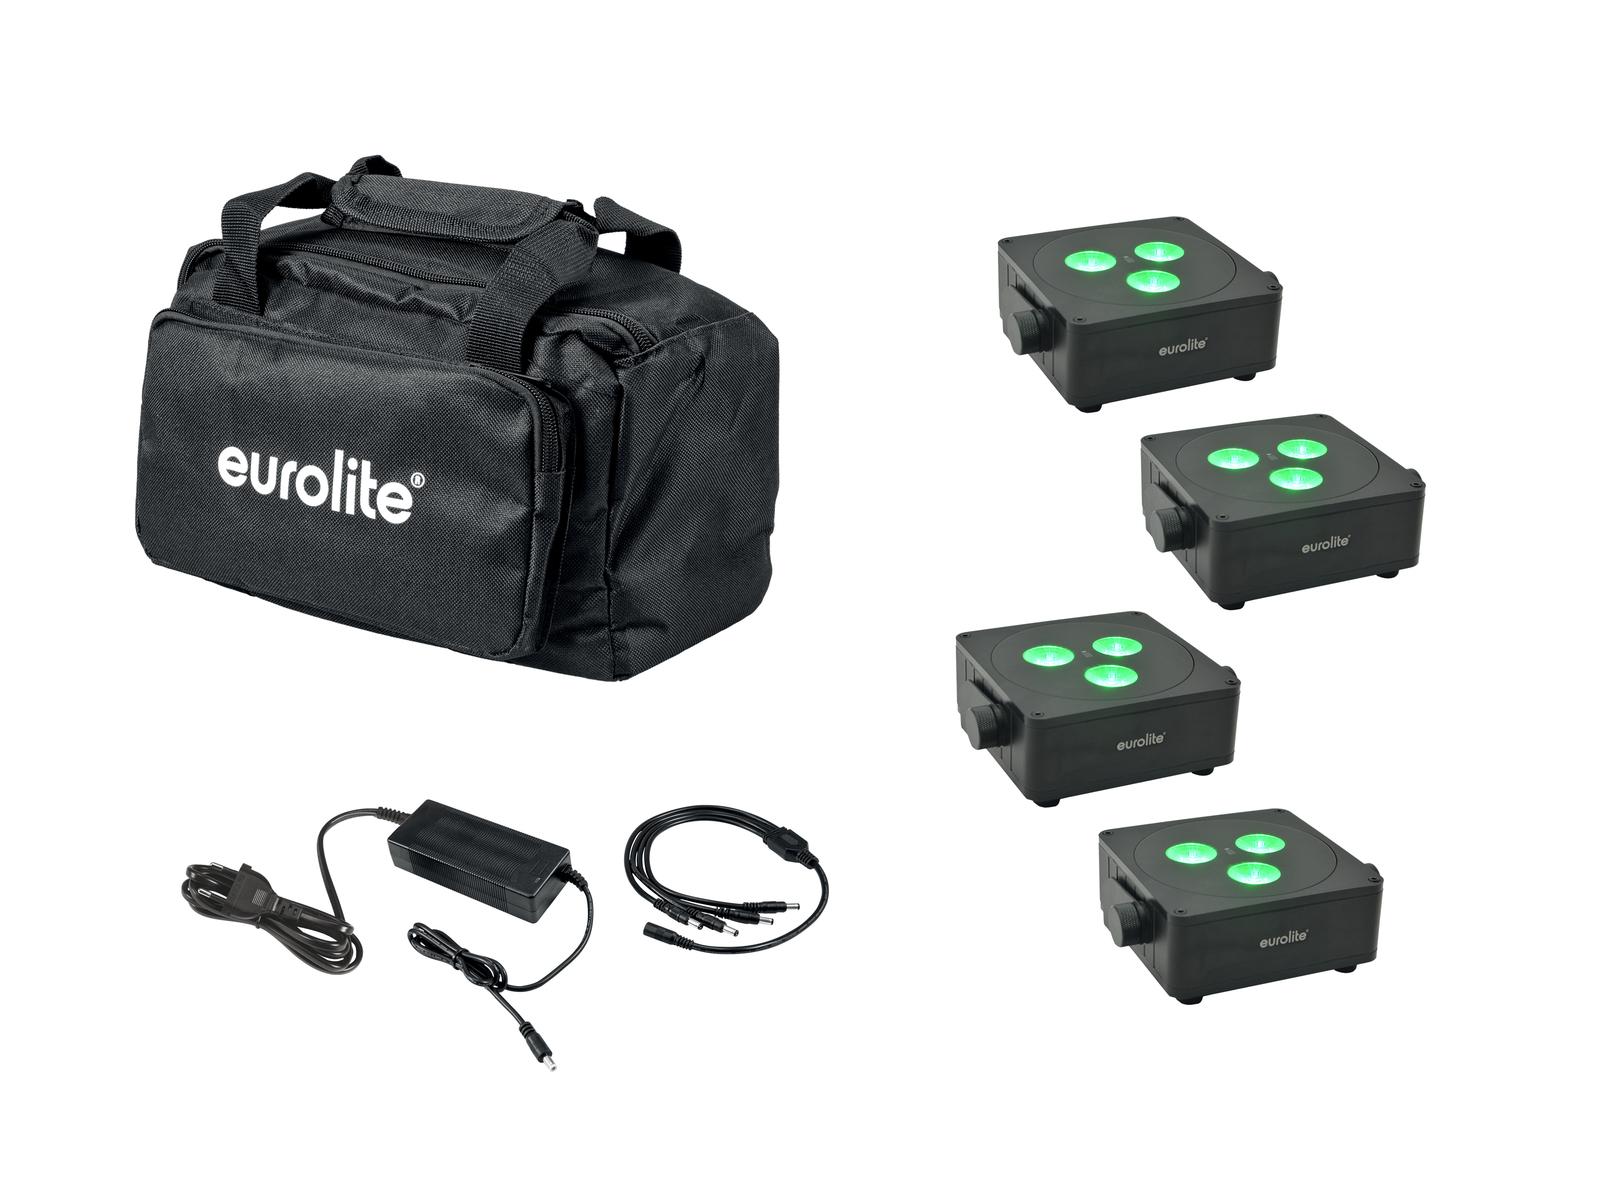 EUROLITE Set 4x AKKU IP Flat Light 3 sw + Ladenetzteil + Soft-Bag